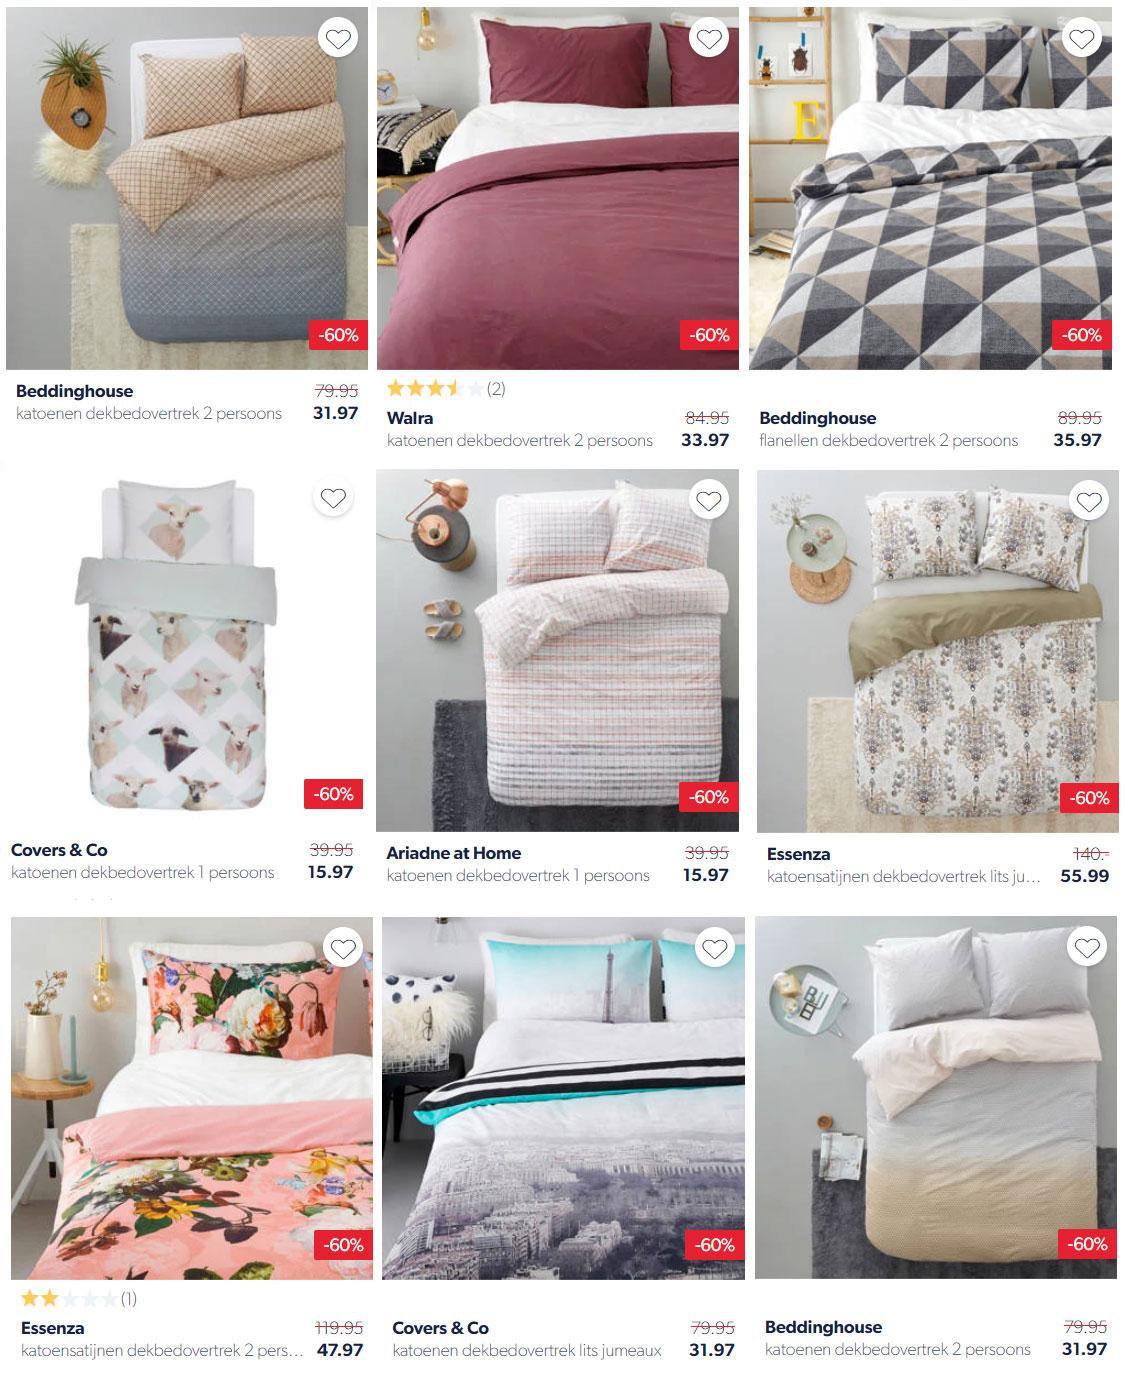 SALE: 200+ dekbedovertrekken -60% - diverse merken @ Wehkamp